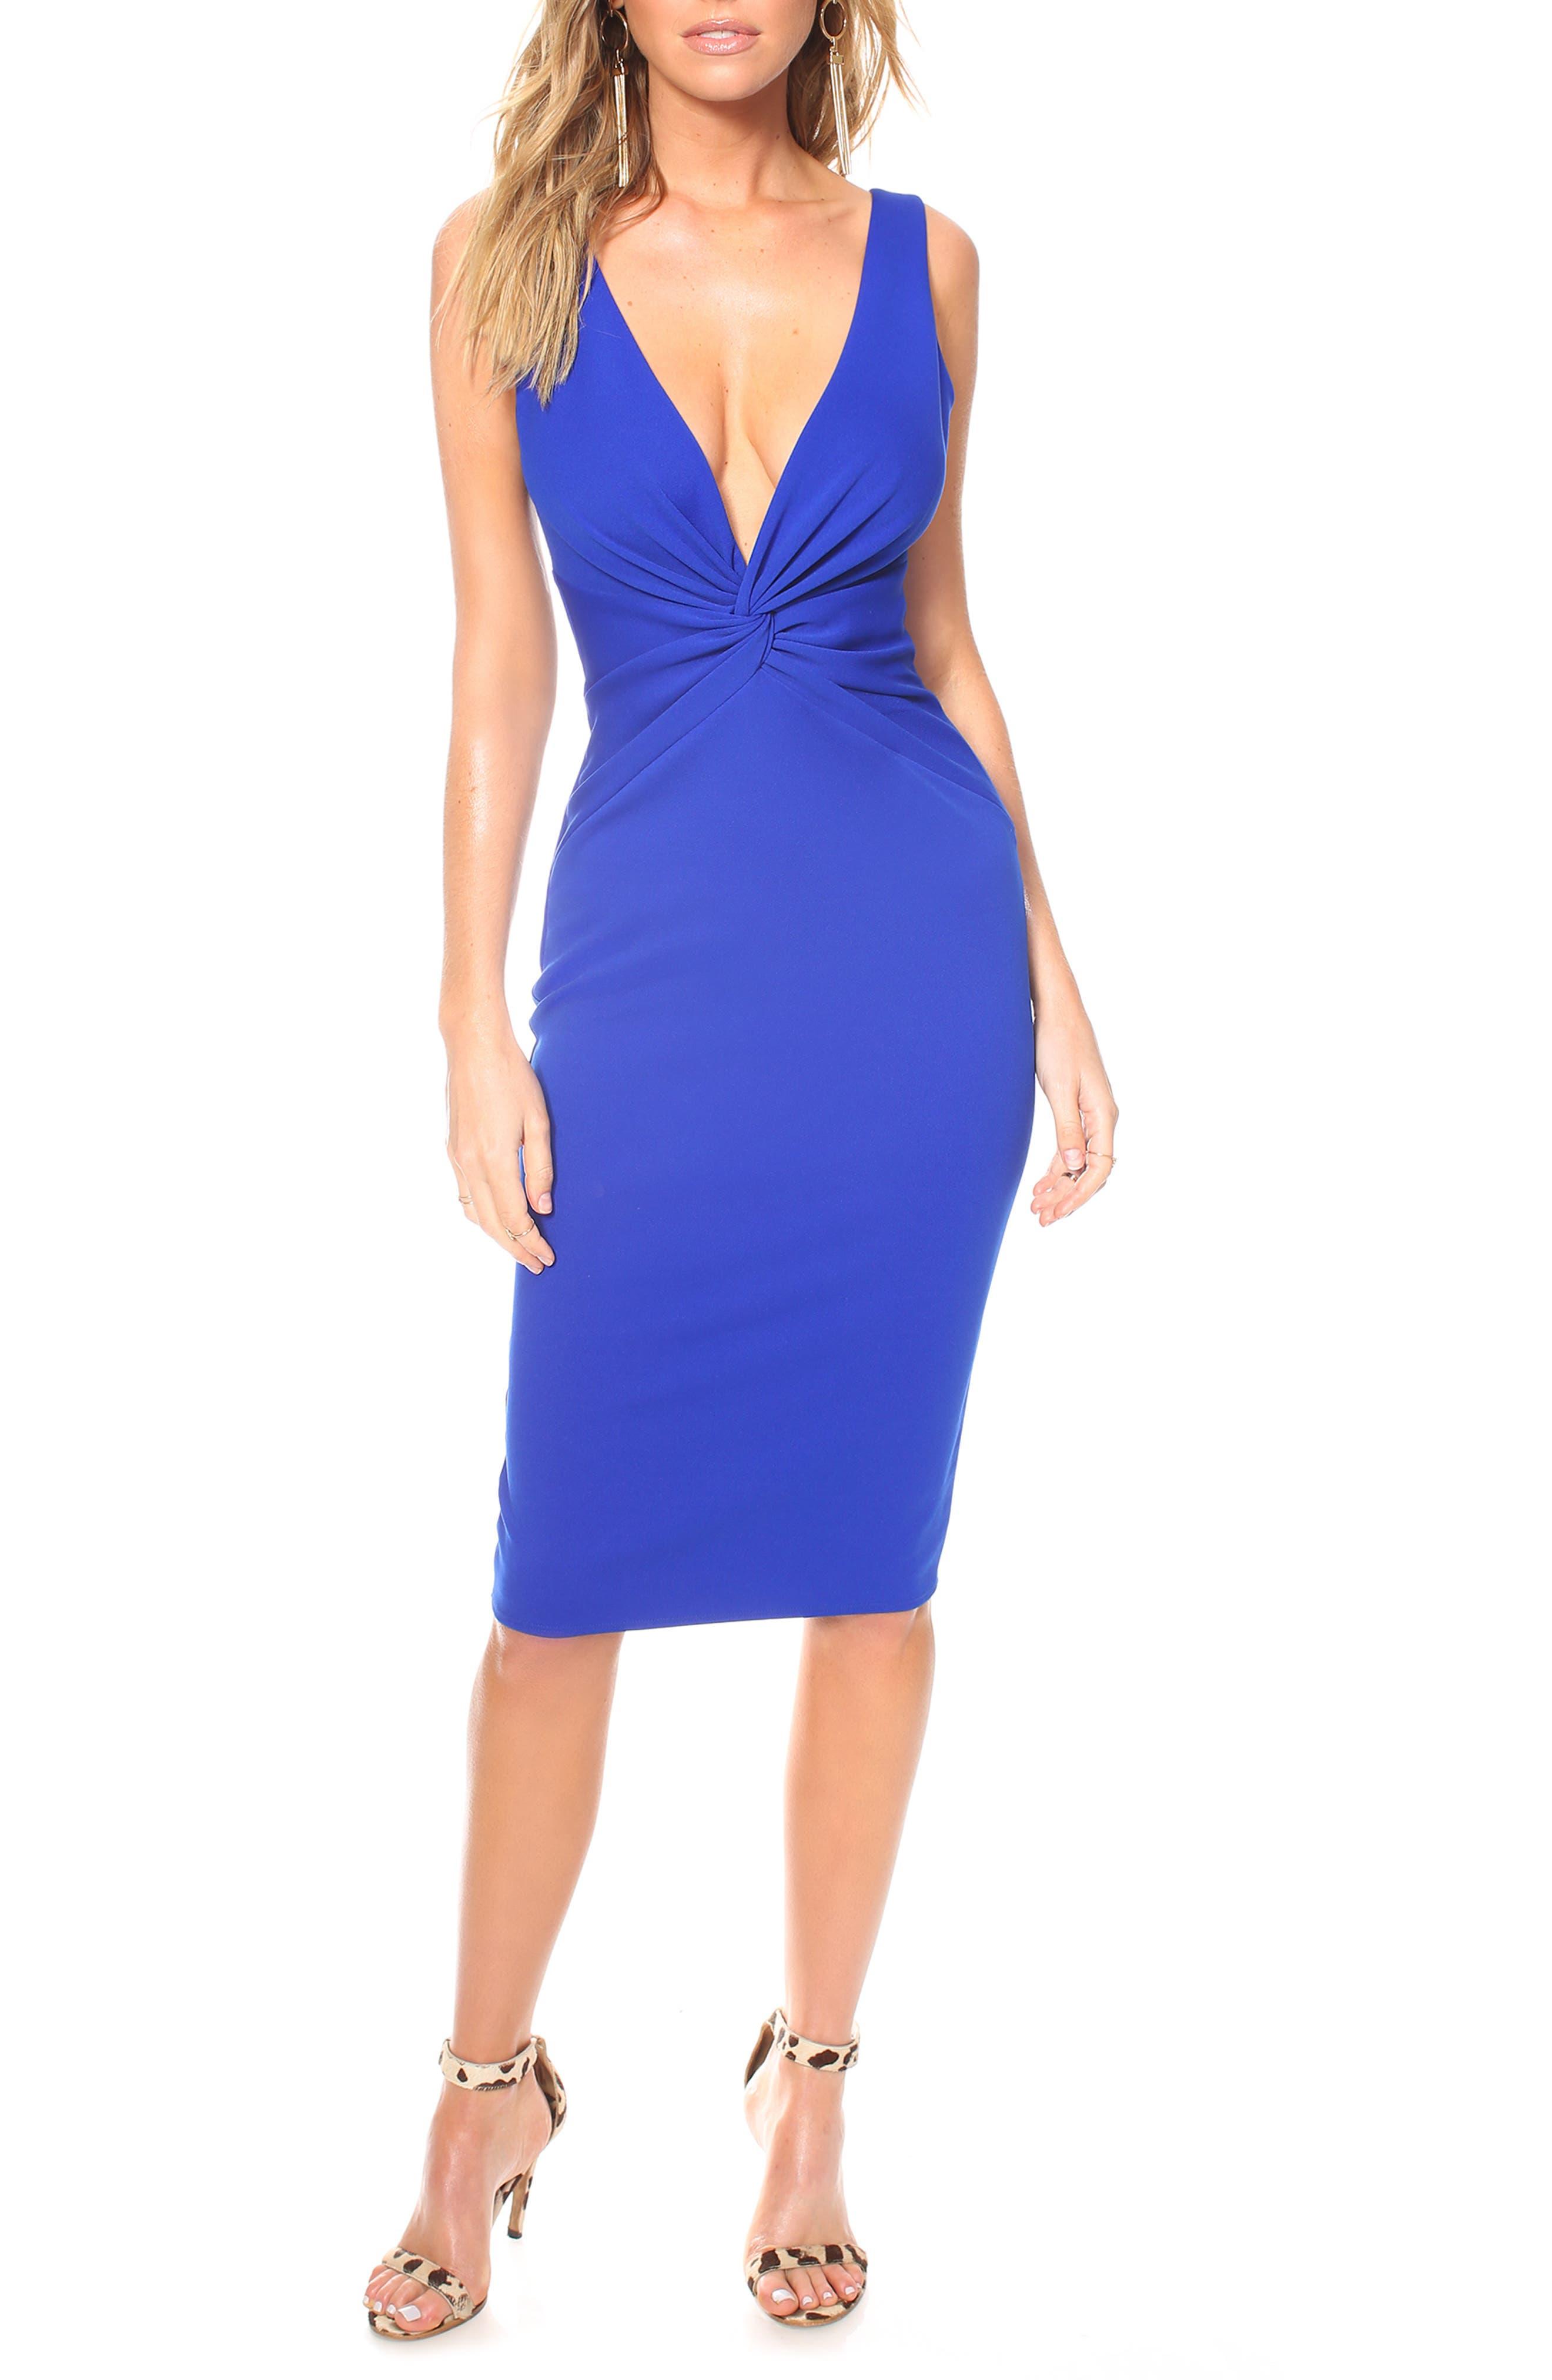 Katie May Zaza Plunge Neck Body-Con Dress, Blue